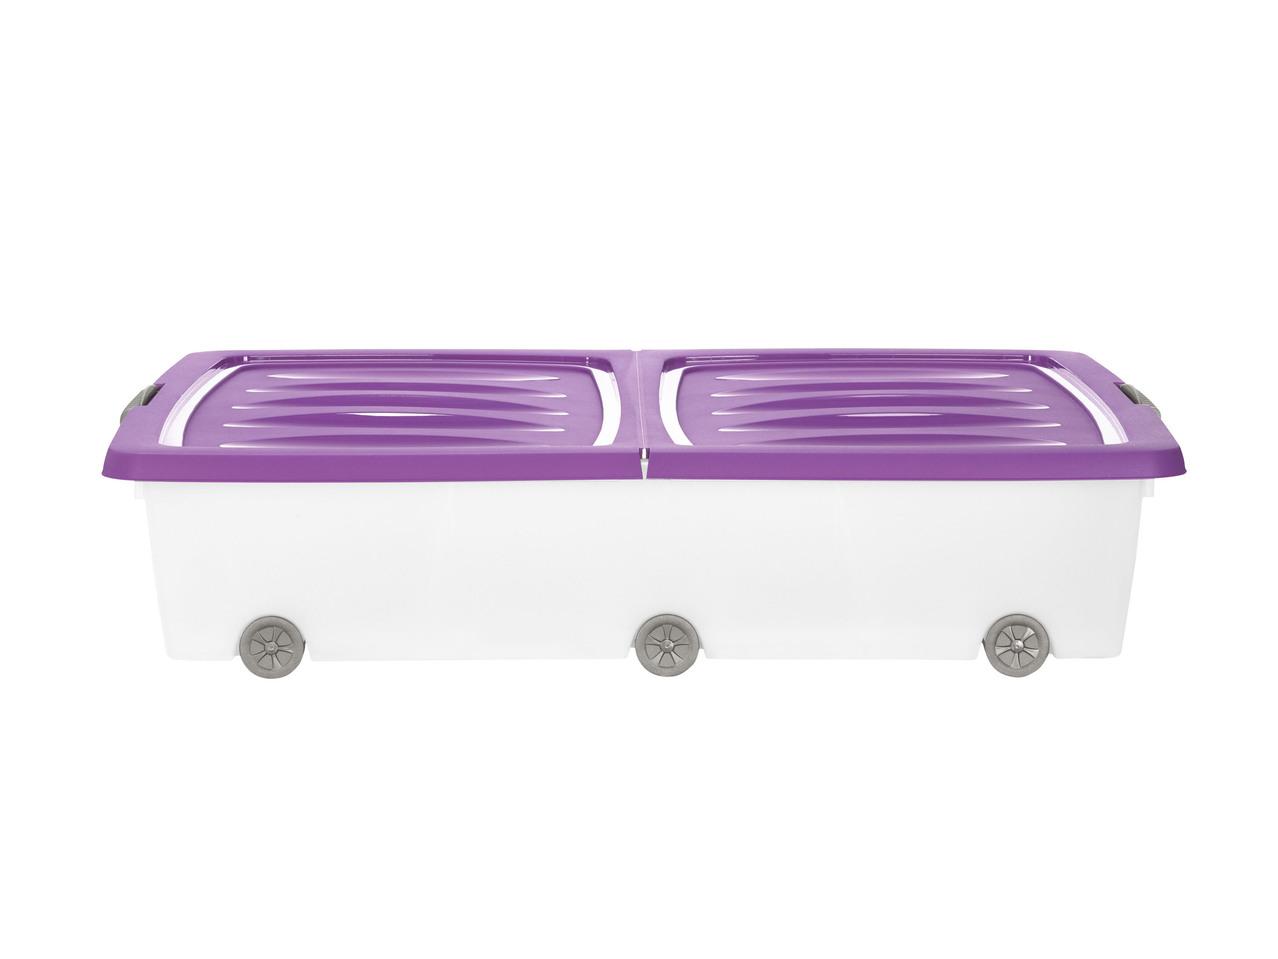 Cassetto Sotto Letto Con Ruote : Contenitore sottoletto con rotelle l lidl u italia